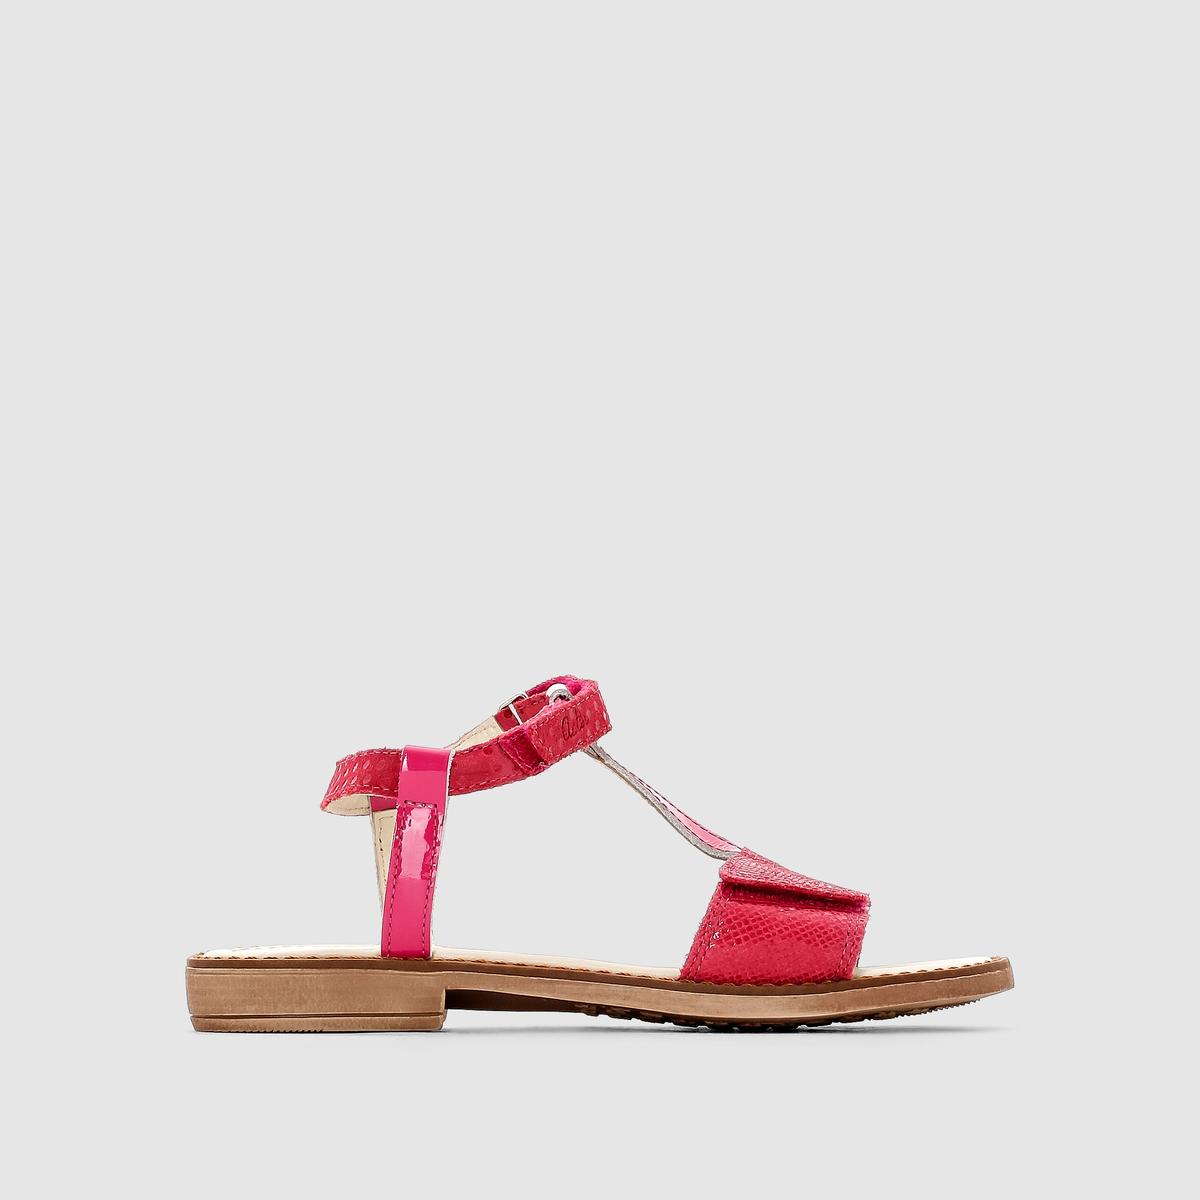 Сандалии Aster THEAТребовательность, качество и аутентичность...Стильные и не выходящие из моды сандалии Aster, невероятно комфортные и изысканные . Очаровательные сандалии яркого цвета изысканной формы, которые придутся по вкусу детям в эстетическом и практическом плане !<br><br>Цвет: фуксия